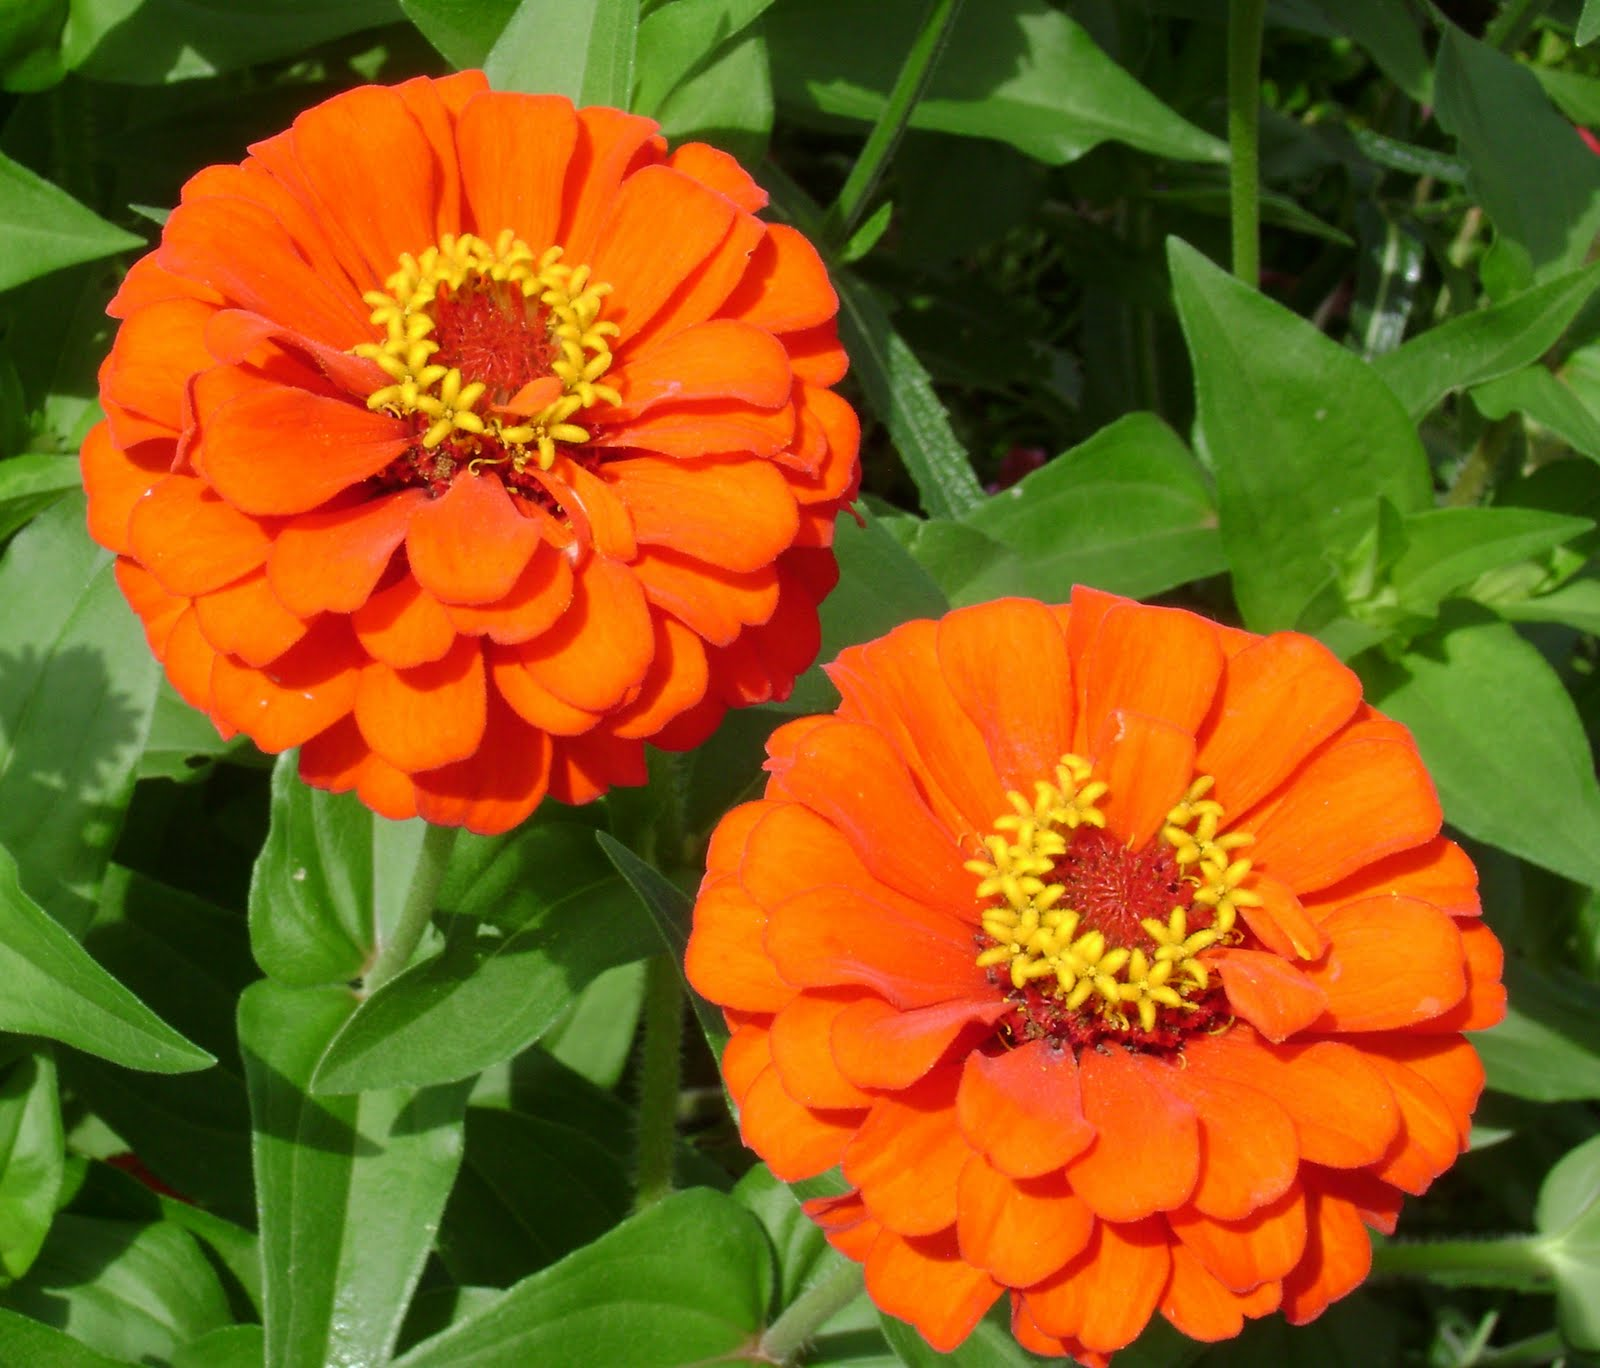 Zinnia, linguaggio dei fiori